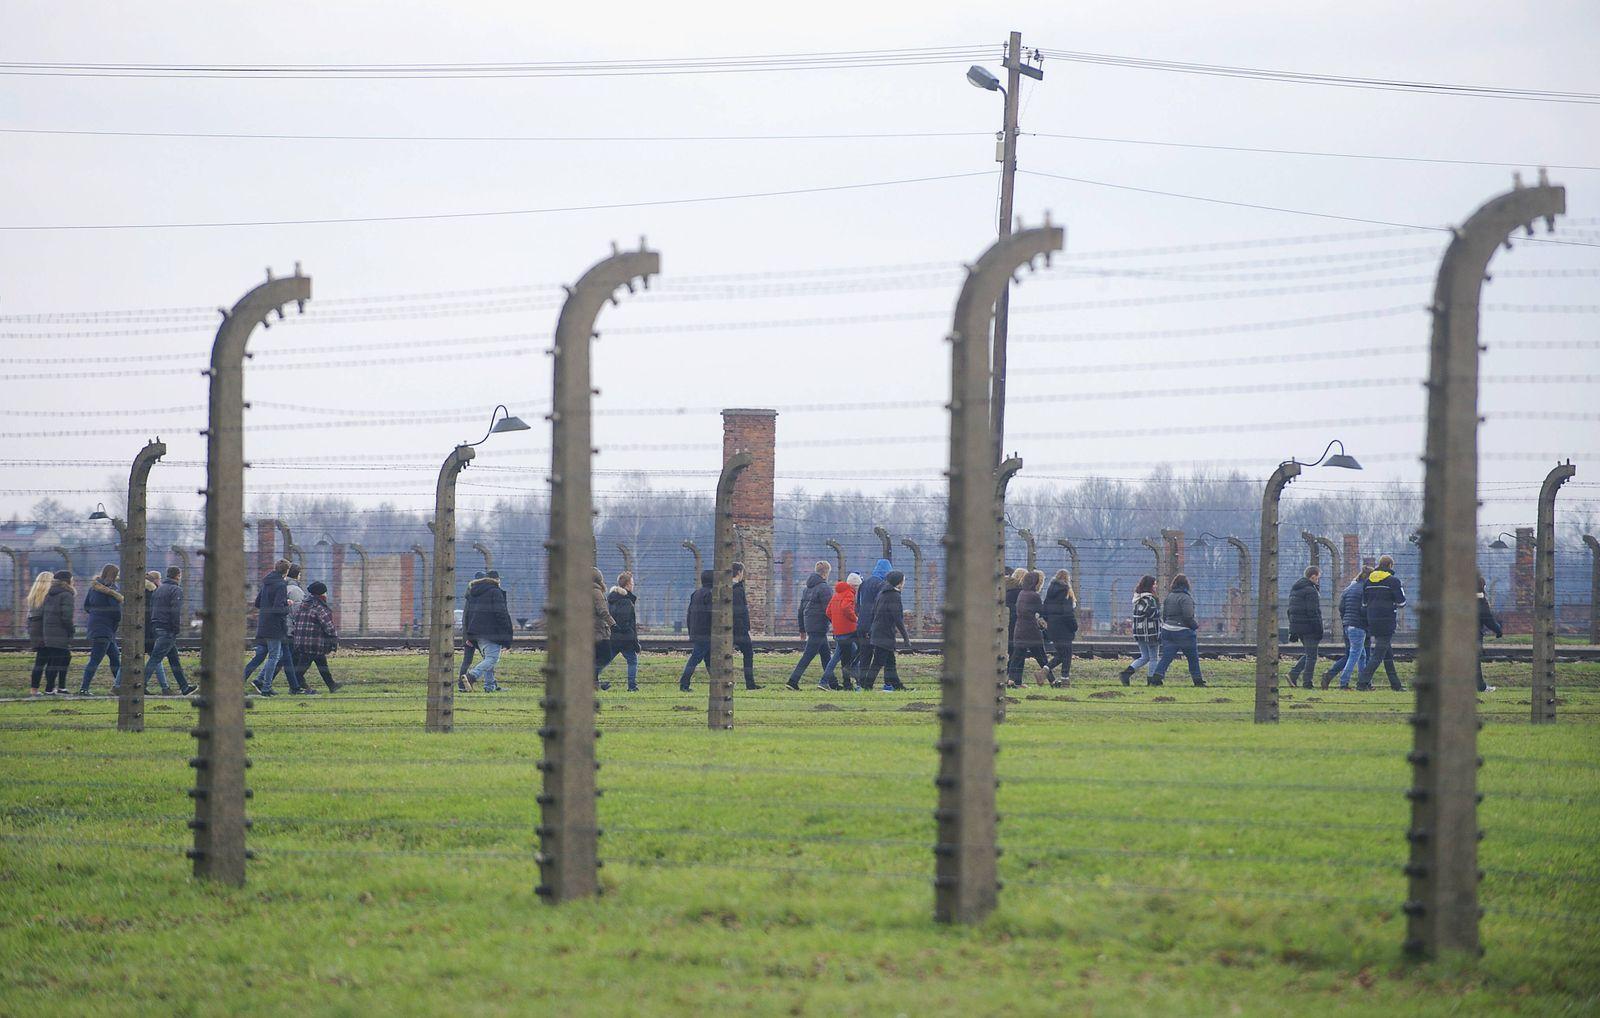 Eine Schulklasse besichtigt das ehemalige Konzentrationslager Auschwitz Birkenau Auschwitz 2 in Po